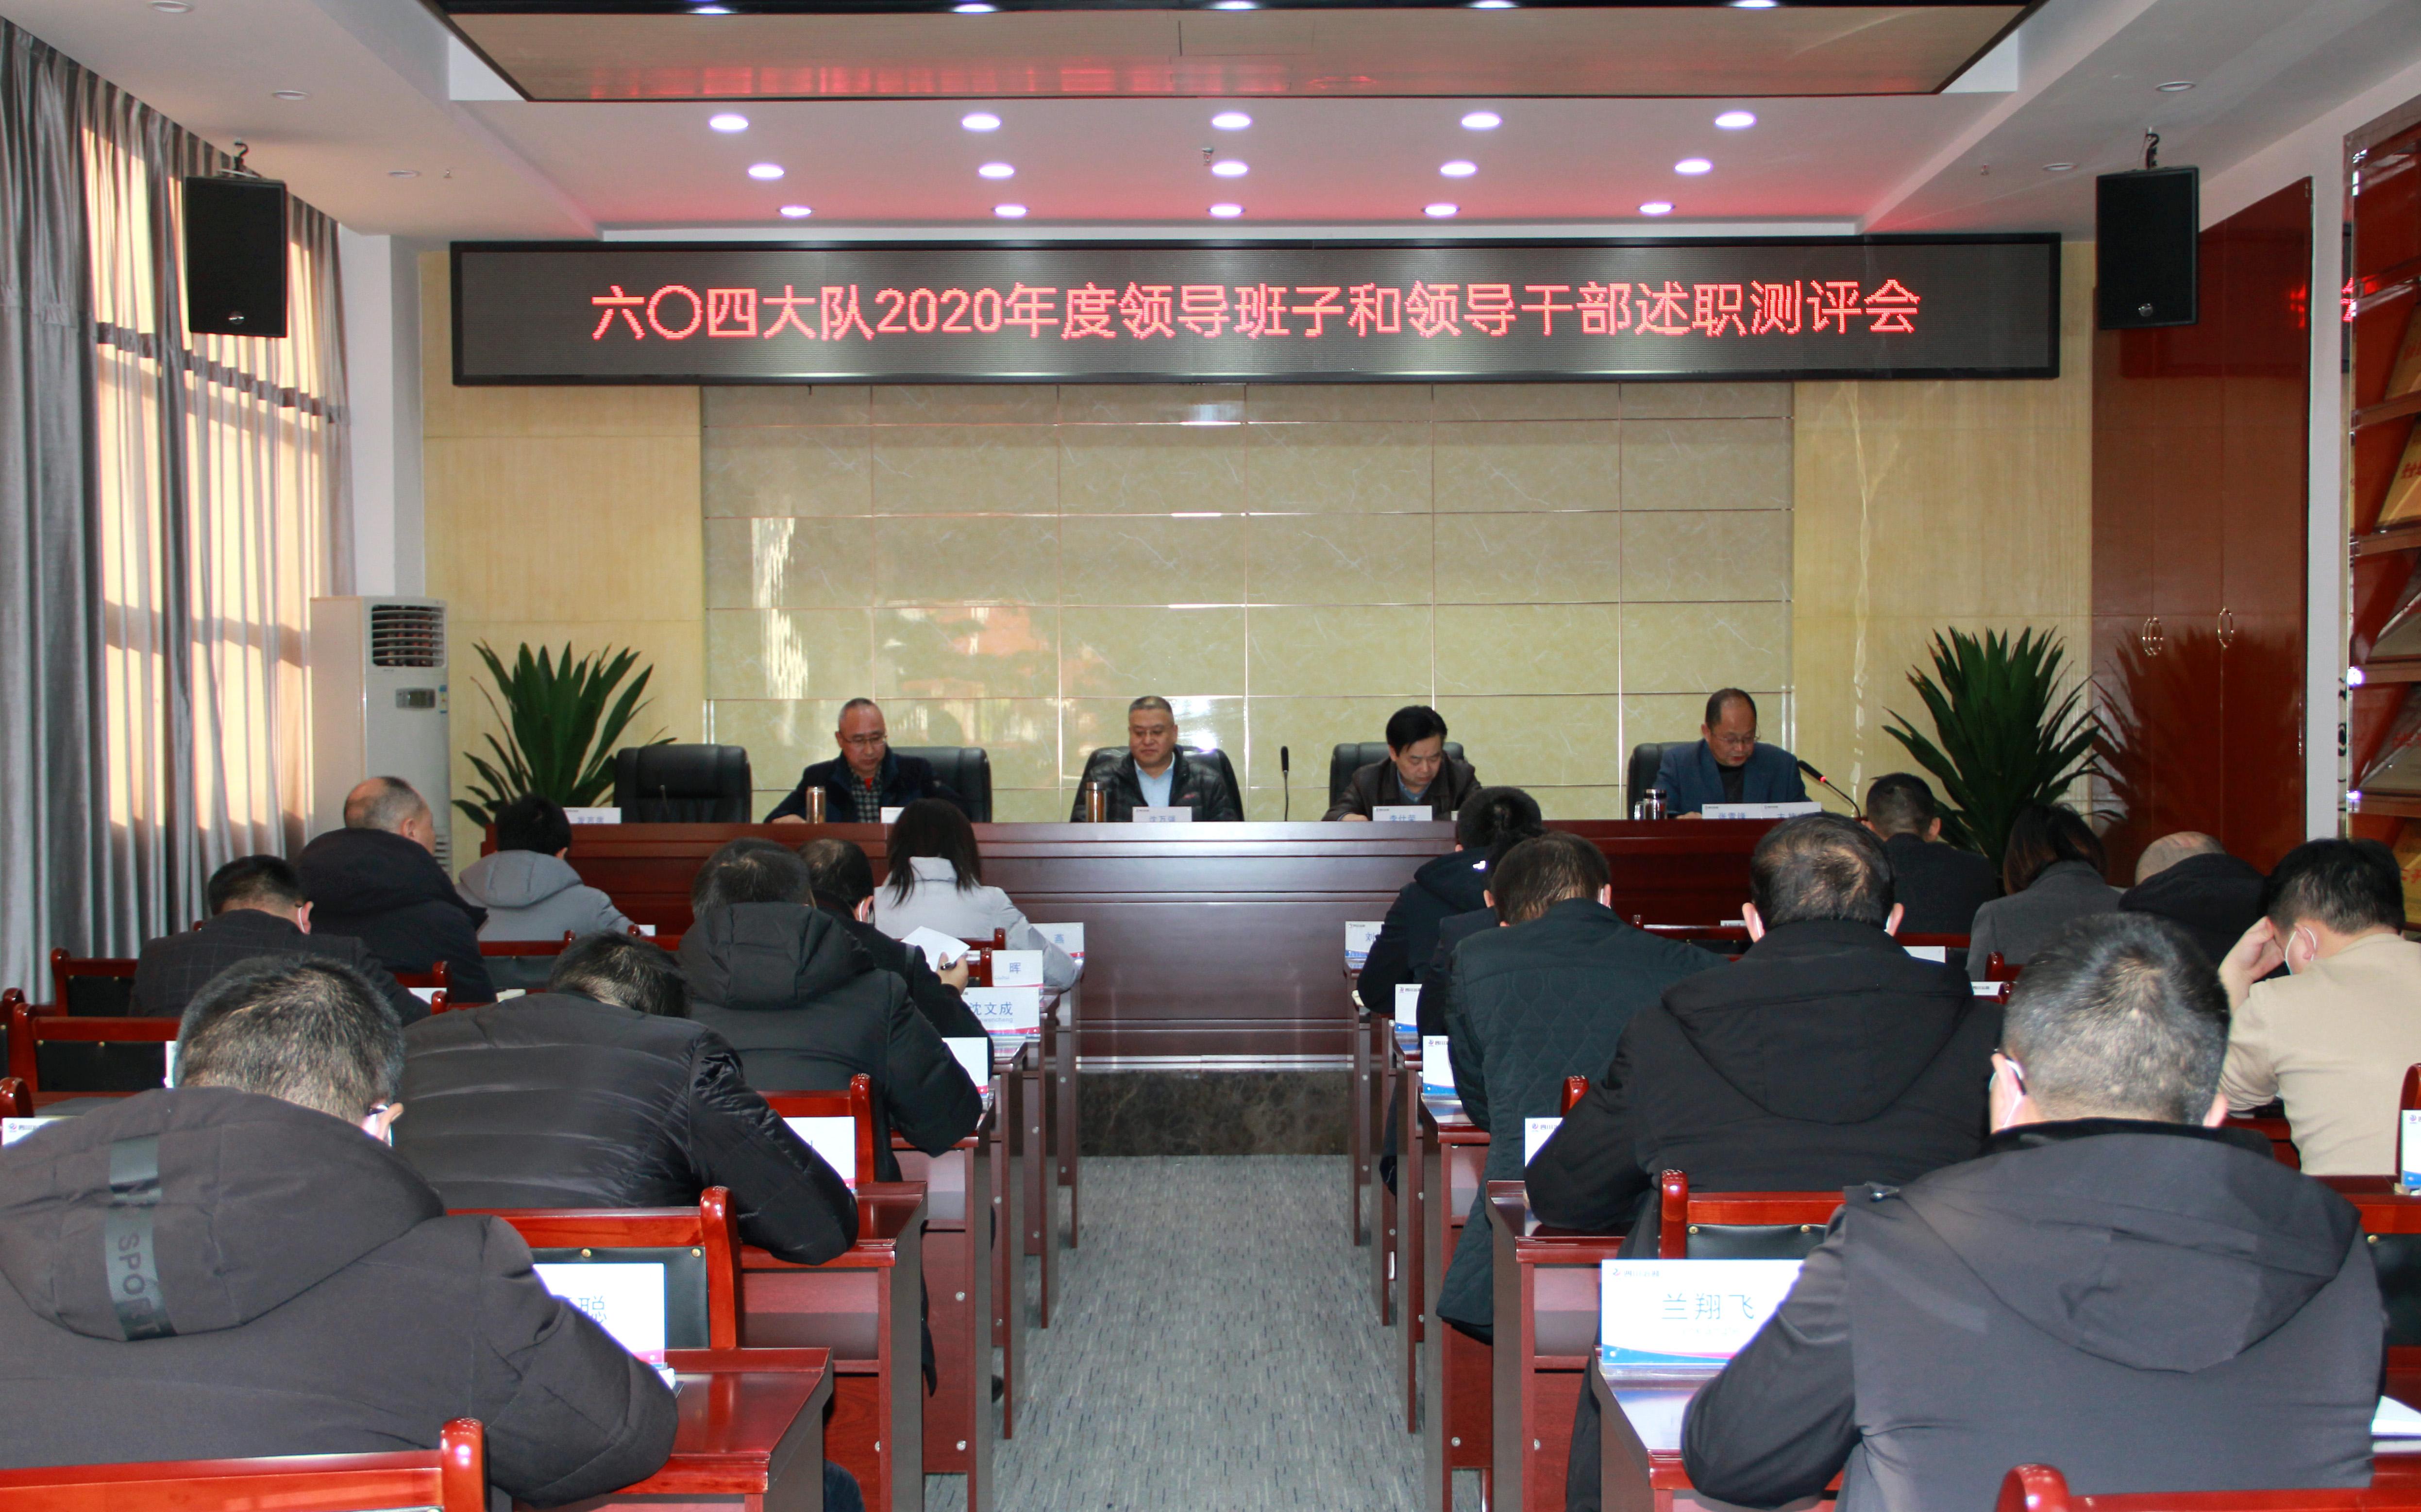 六〇四大队召开2020年度领导班子和领导干部述职测评会